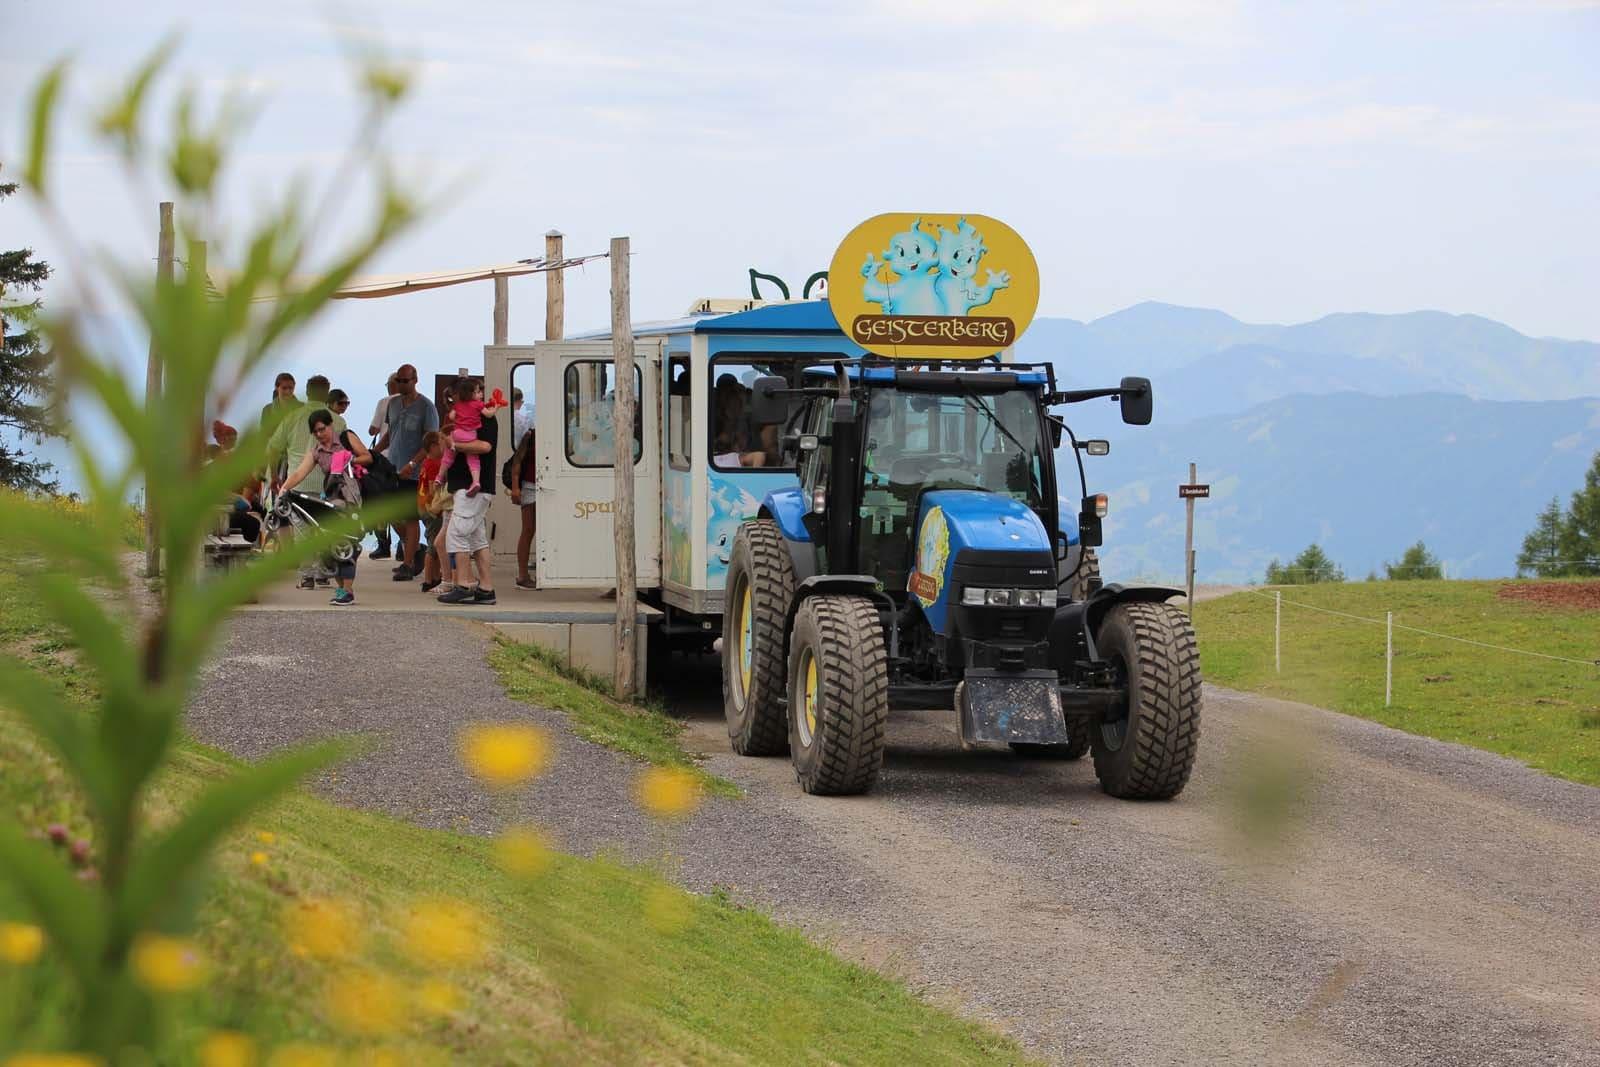 mit dem Traktorzug geht es hinauf zum Geisterberg